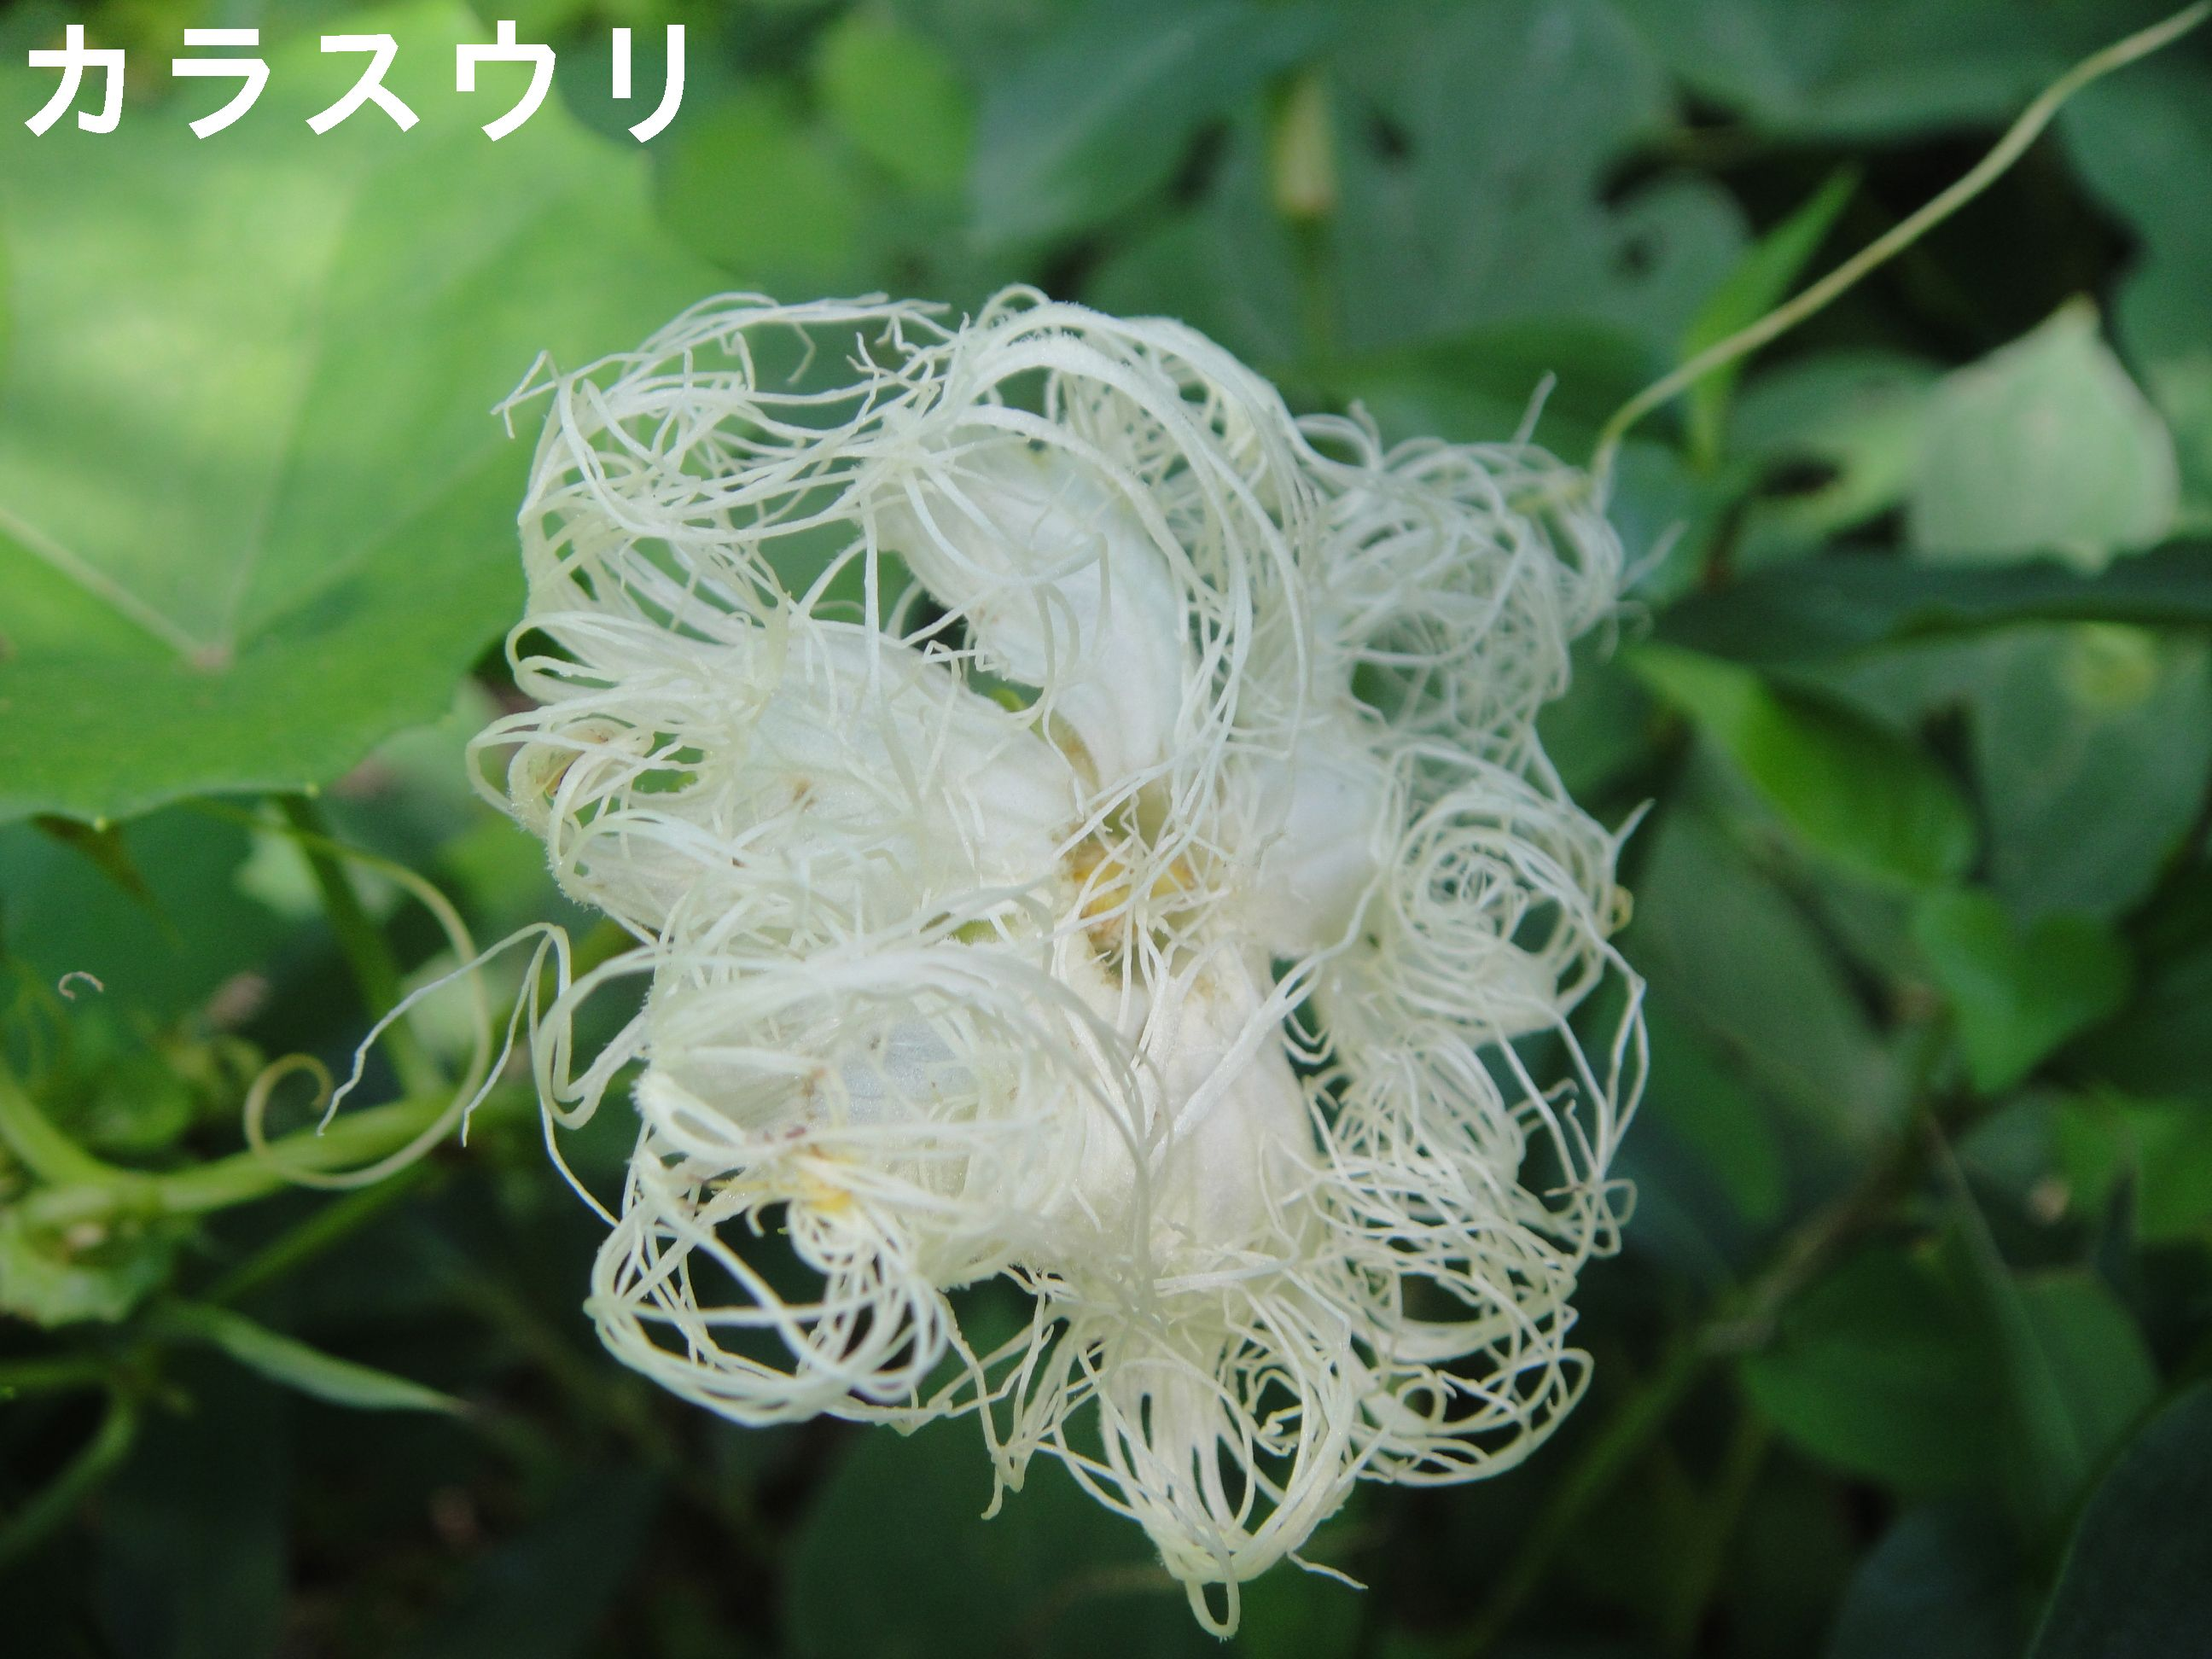 昼間咲いていたカラスウリの花!! in うみべの森H23年9月度植物調査_c0108460_1572650.jpg